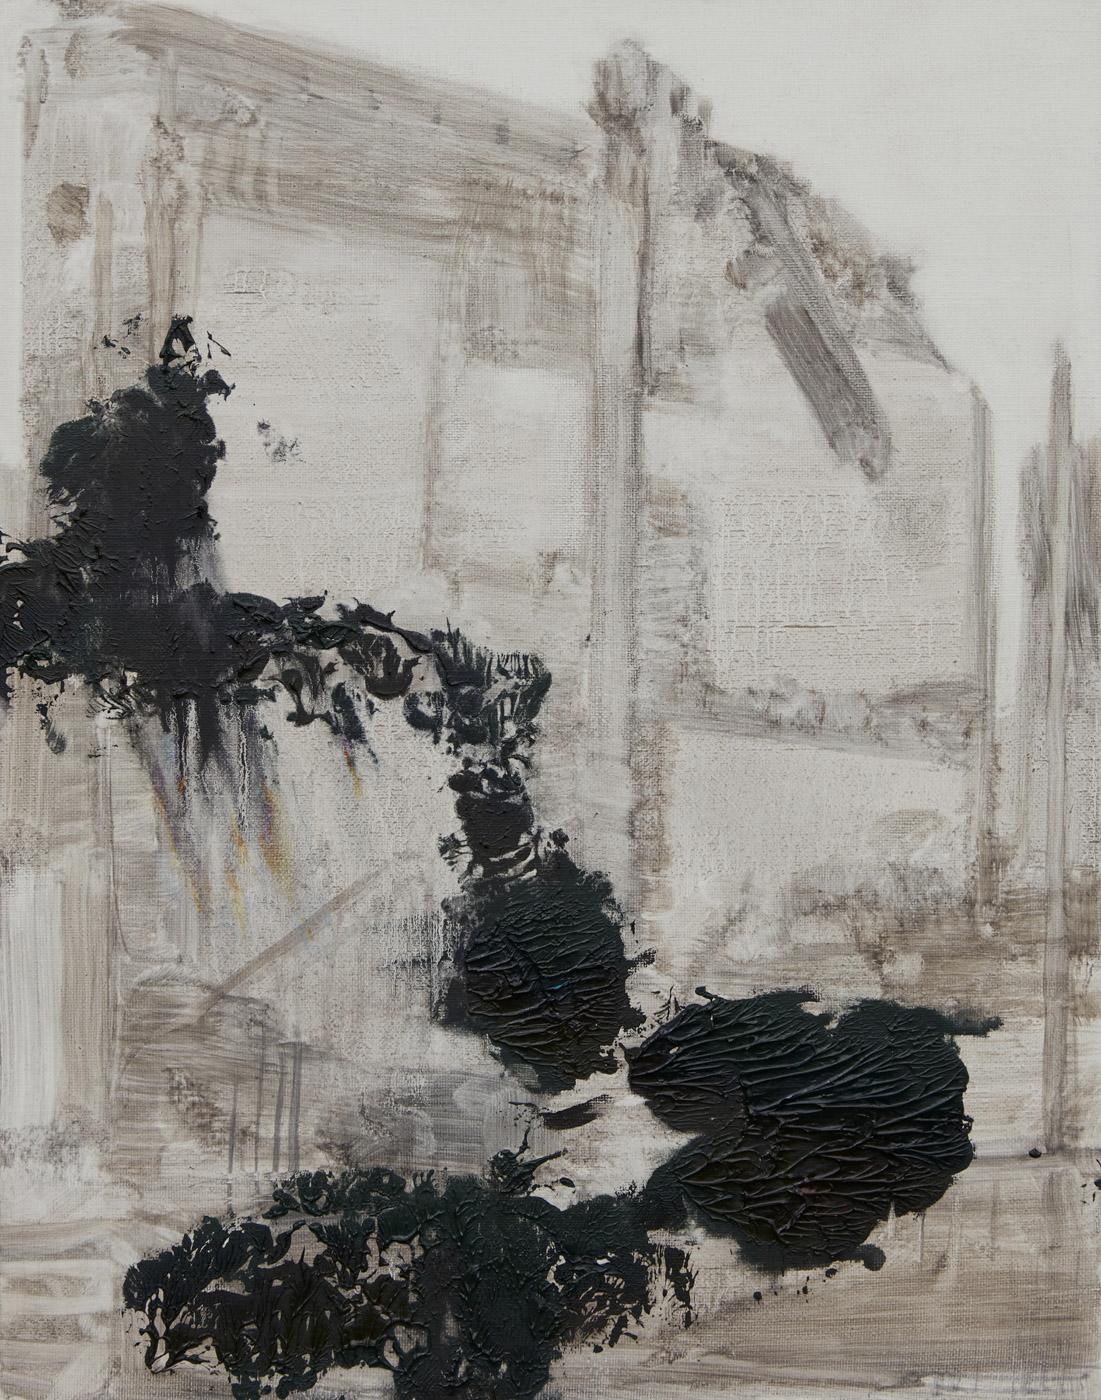 Carbon MOVE, 2020, Oil on linen, 41 x 33 cm